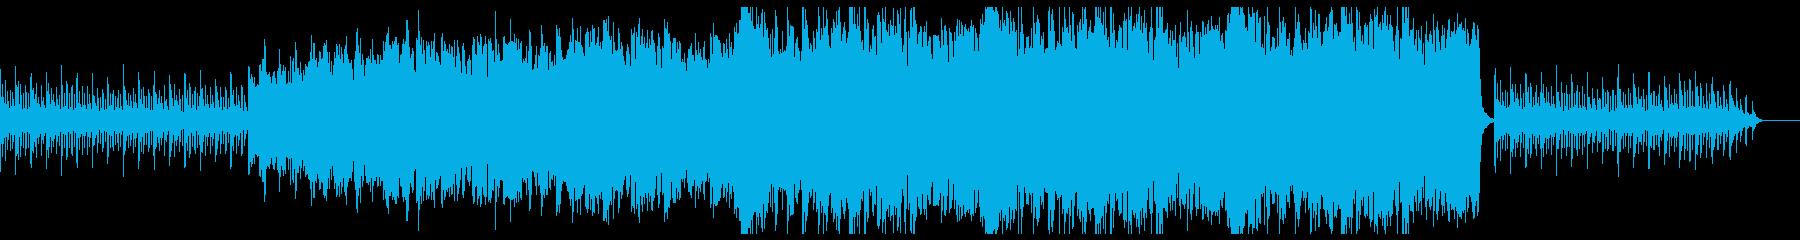 ノスタルジック 感動的なオーケストラ曲の再生済みの波形